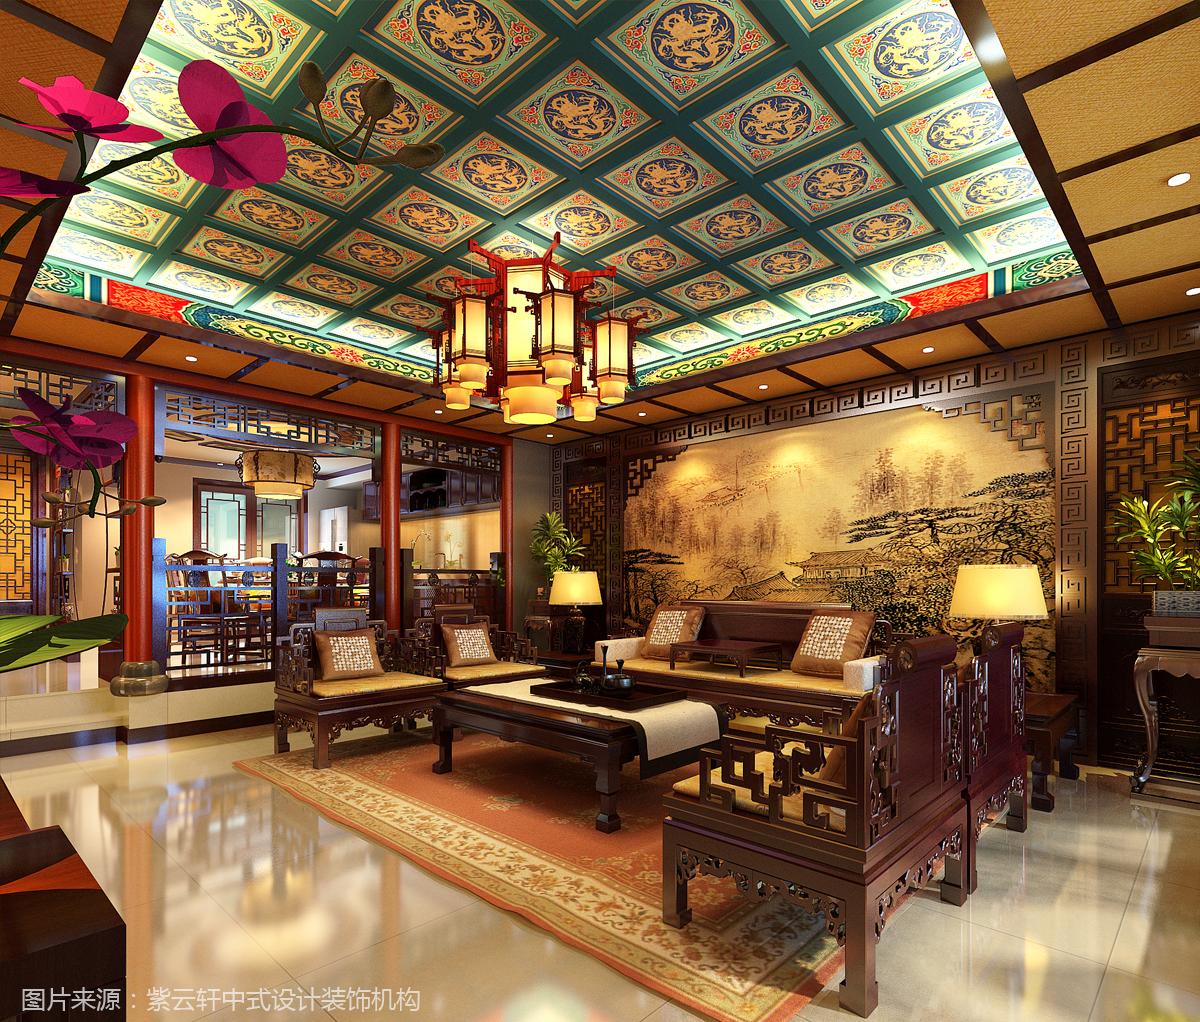 自建房装修成中式风格才是梦想